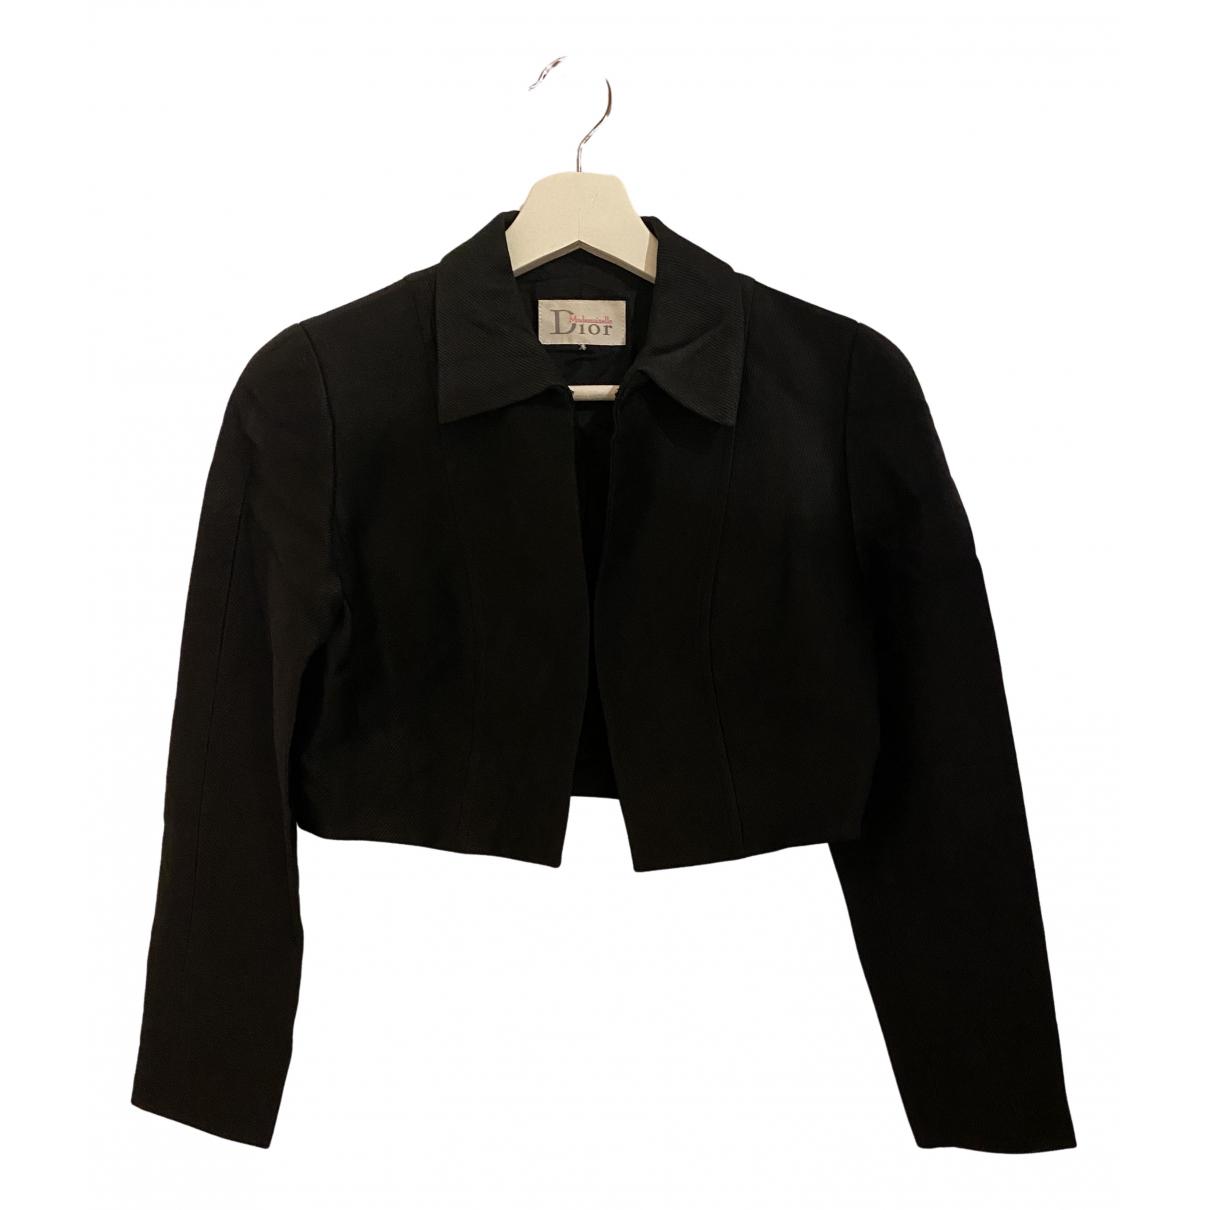 Dior \N Black Cotton jacket for Women 36 FR